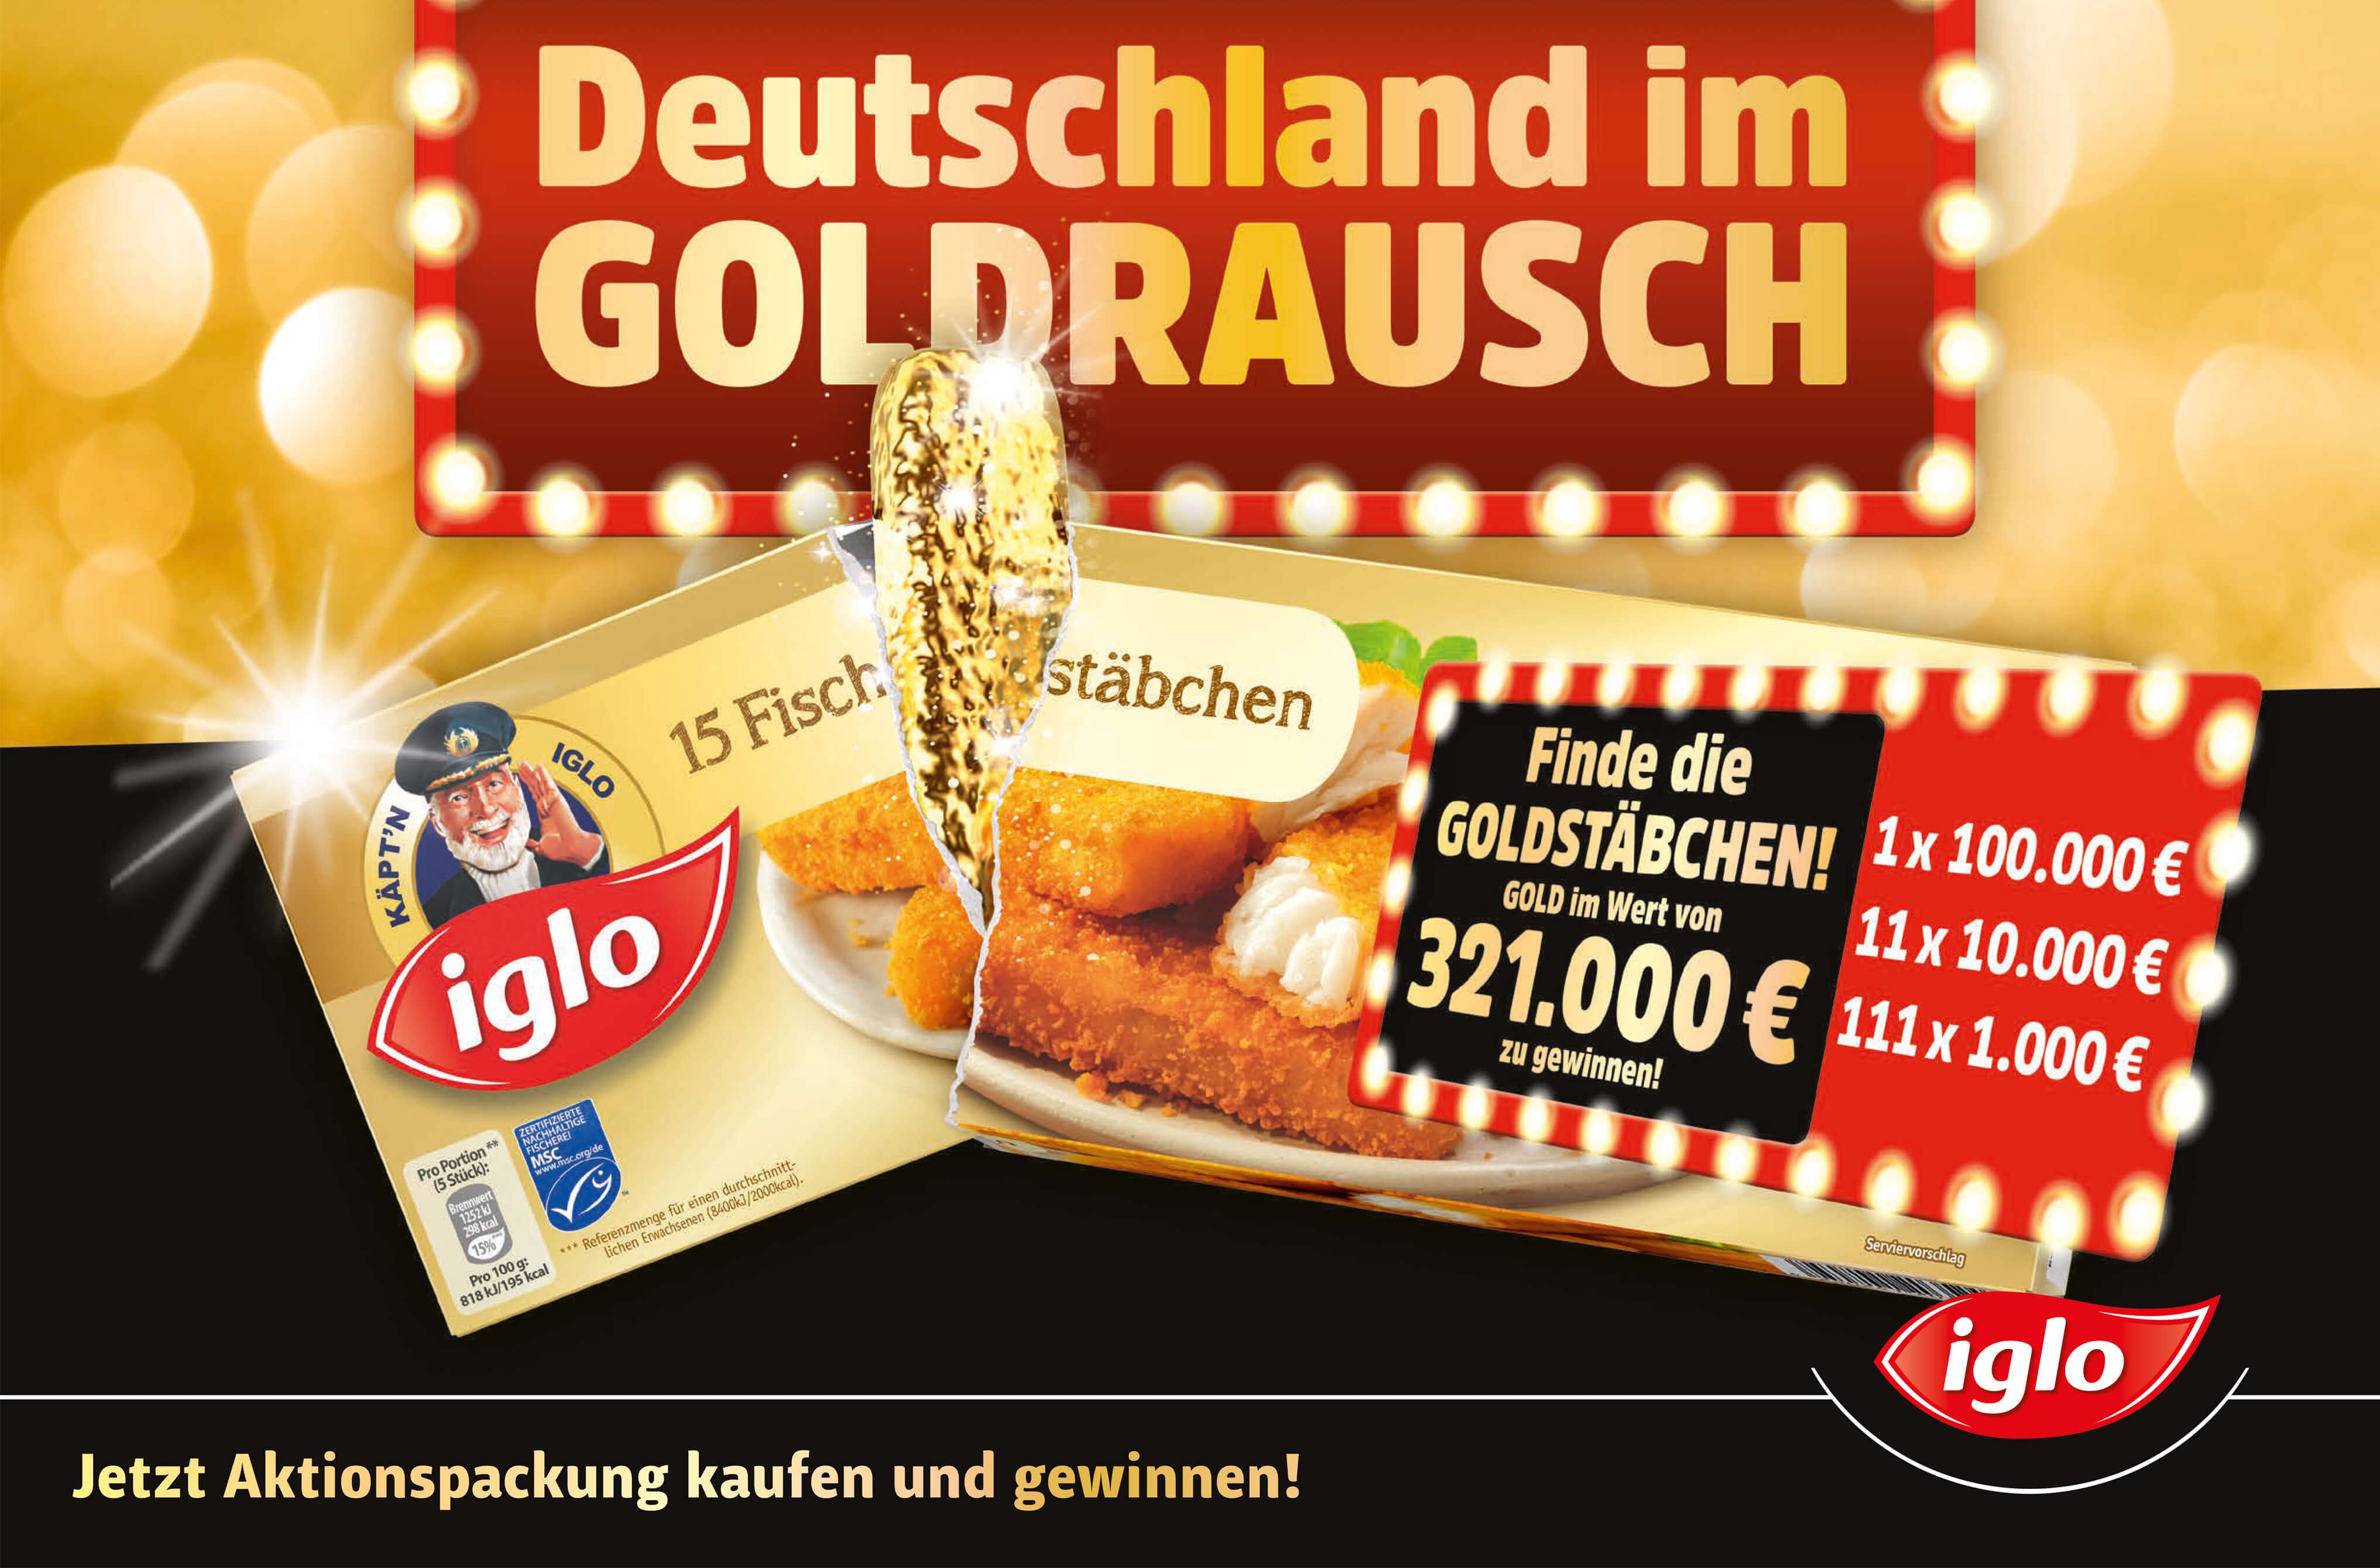 20€ mydays Gutscheine (MBW 49) als sicherer Sofortgewinn @ Iglo Fischstäbchen Aktionspackungen